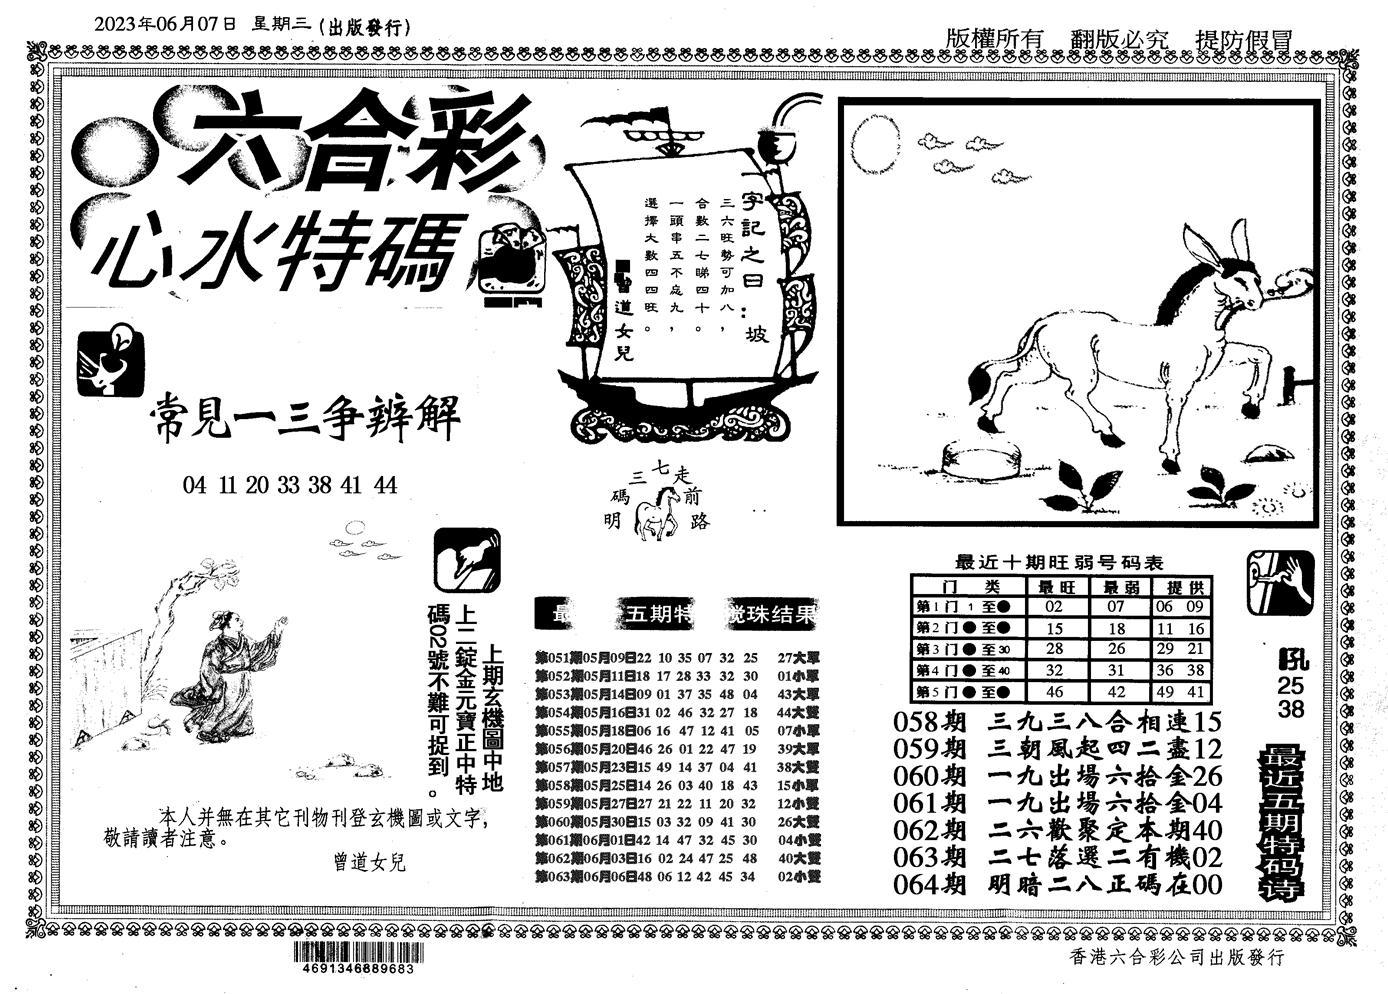 064期心水特码信封(黑白)